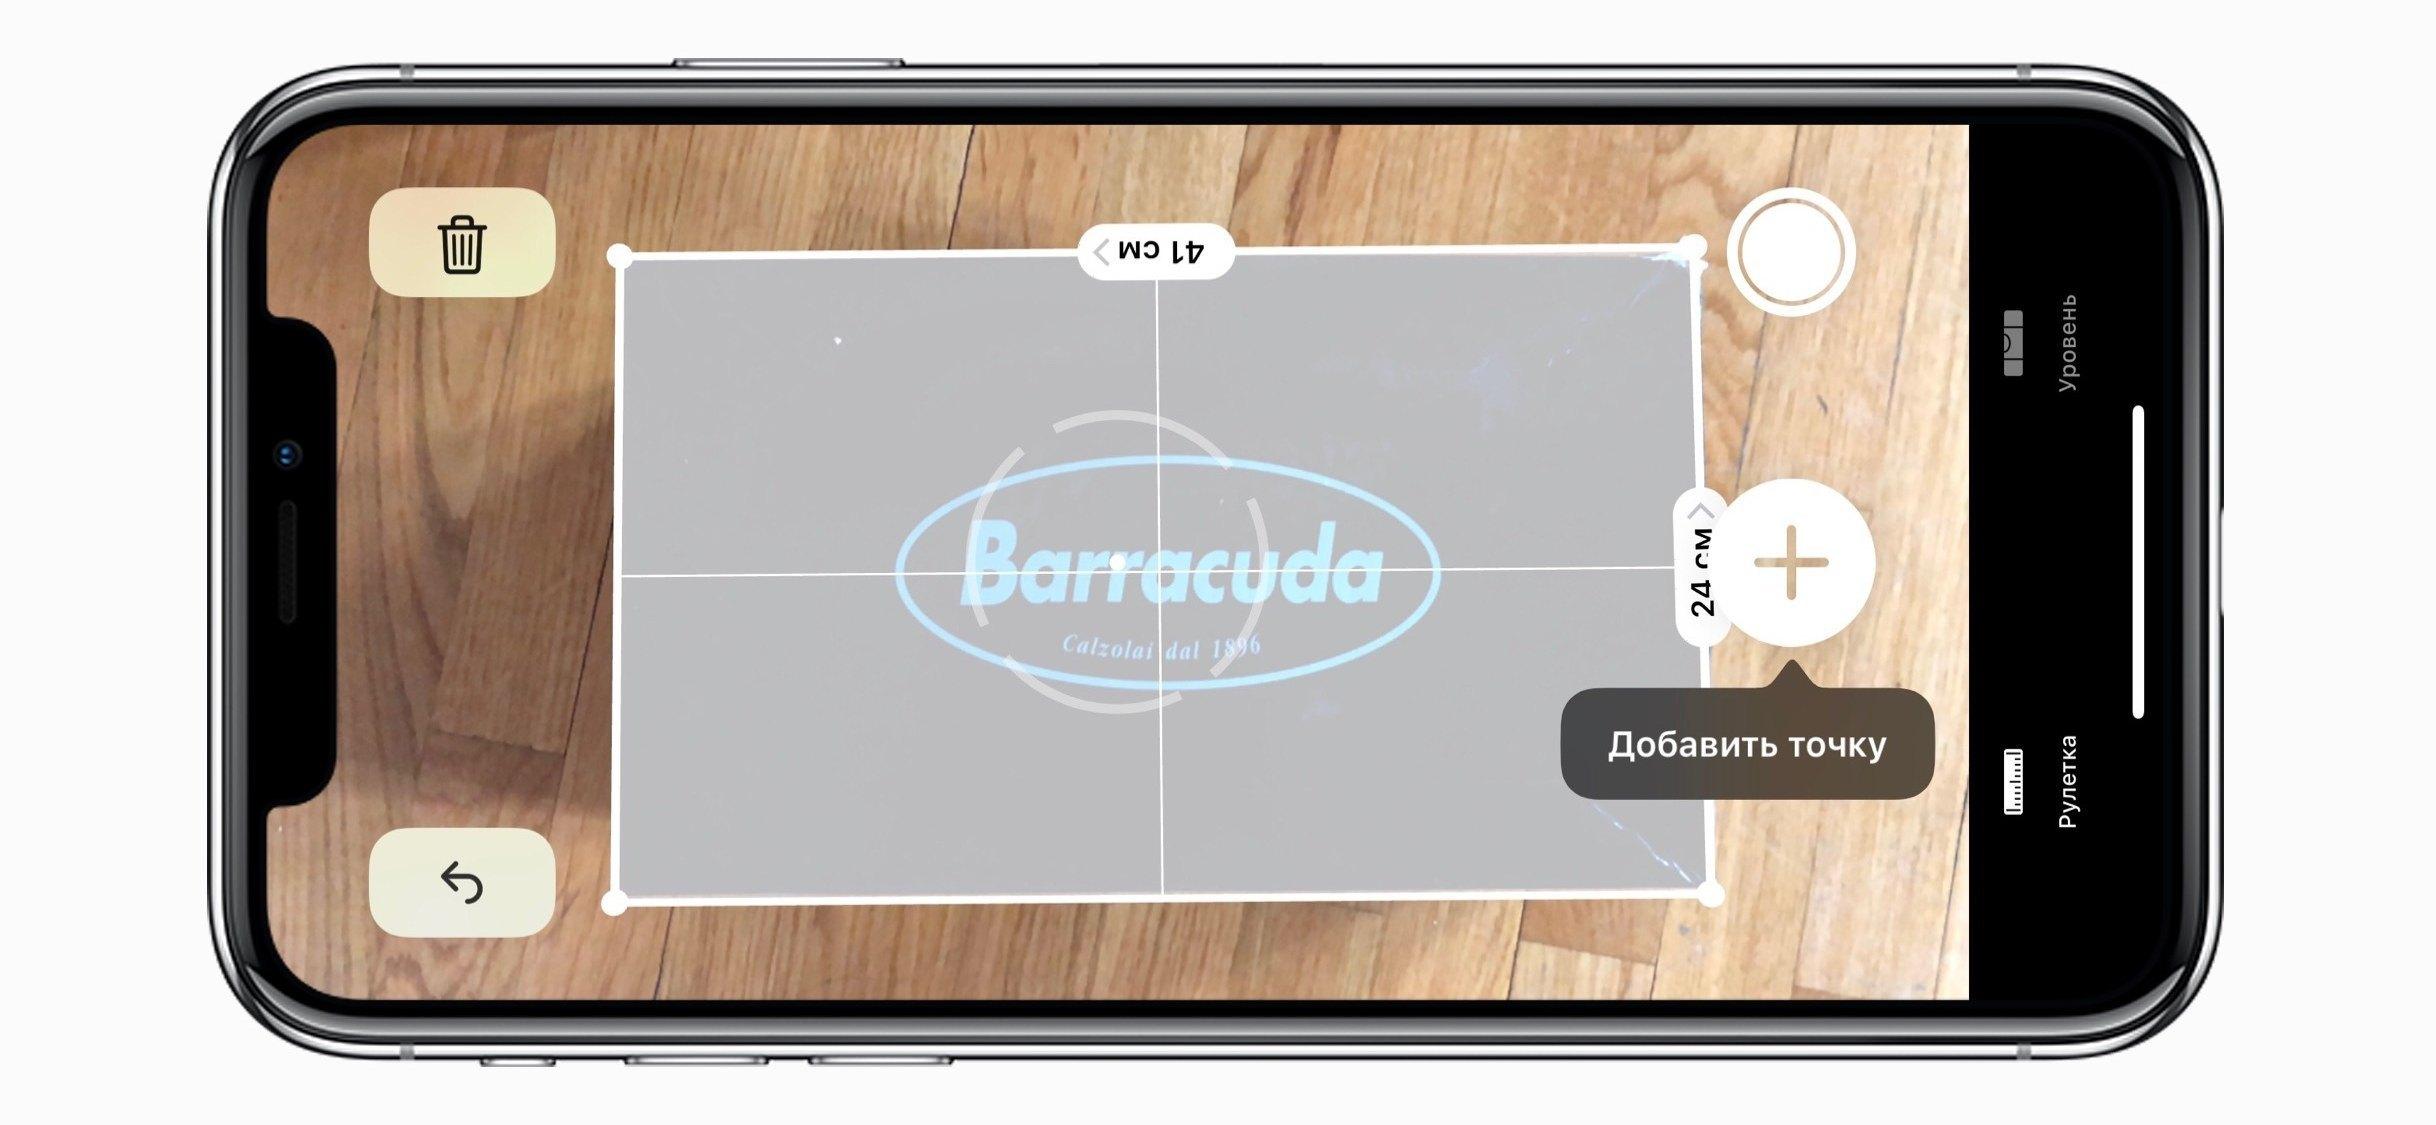 Рулетка в iOS 12